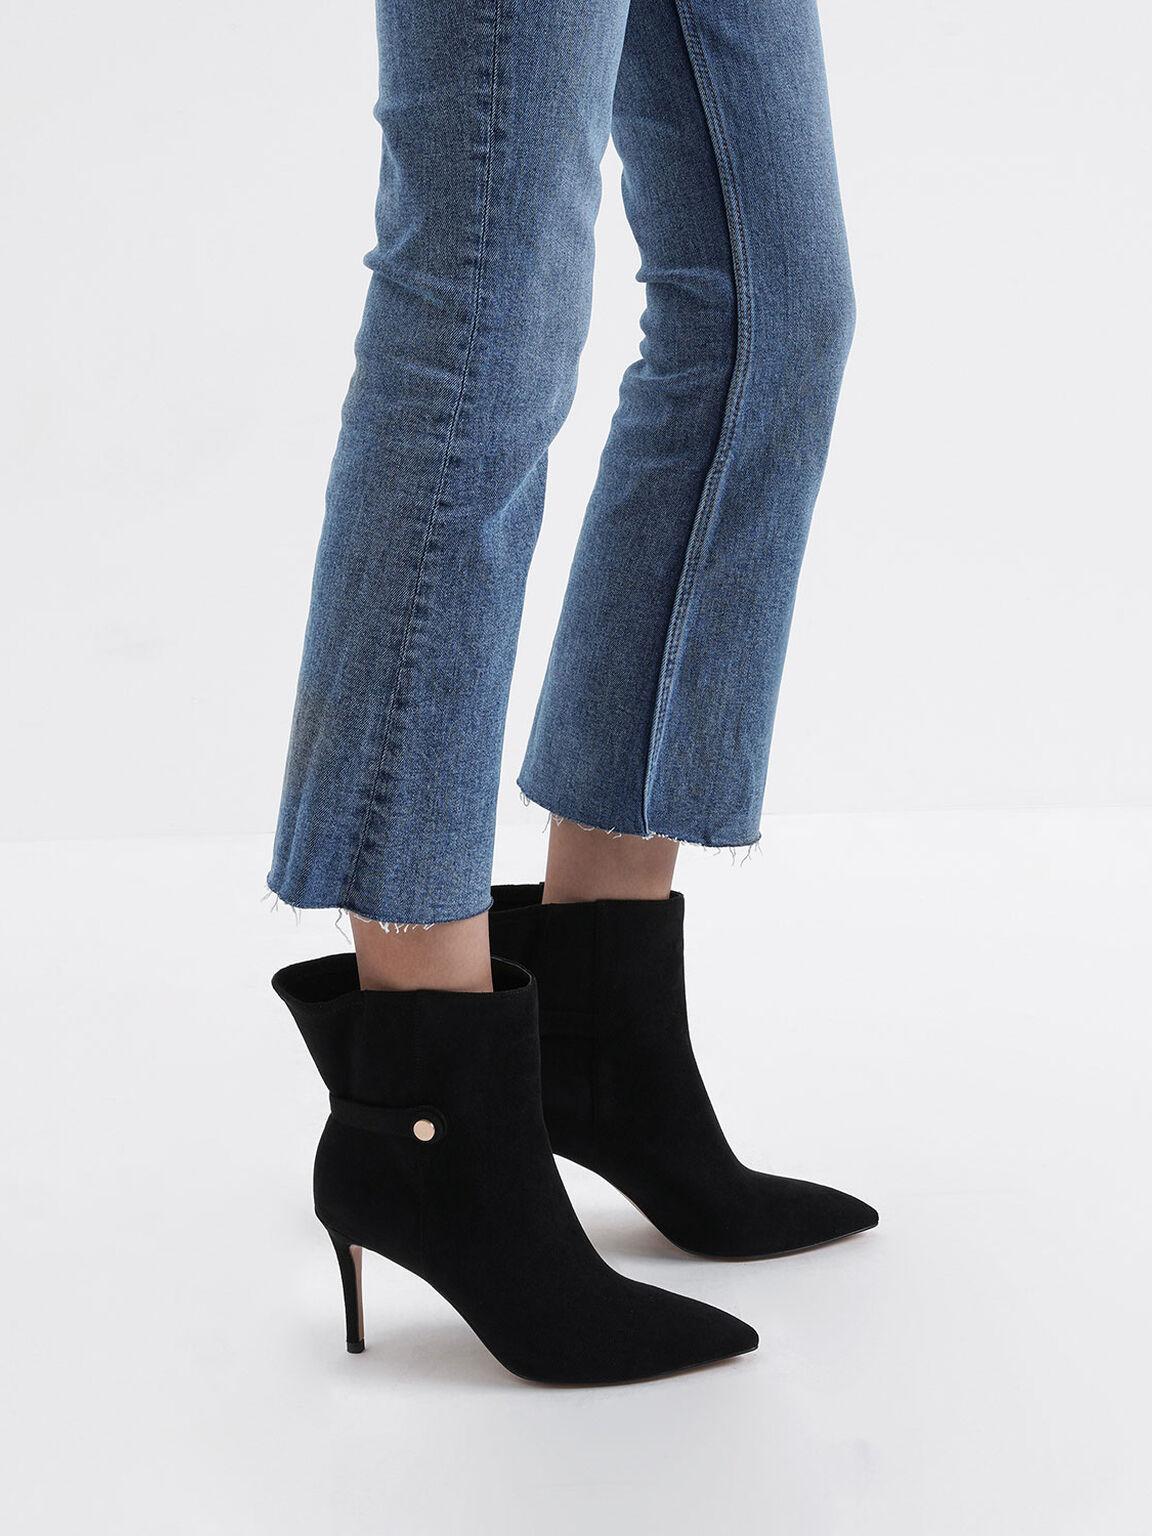 後跟抓皺短靴, 黑色, hi-res